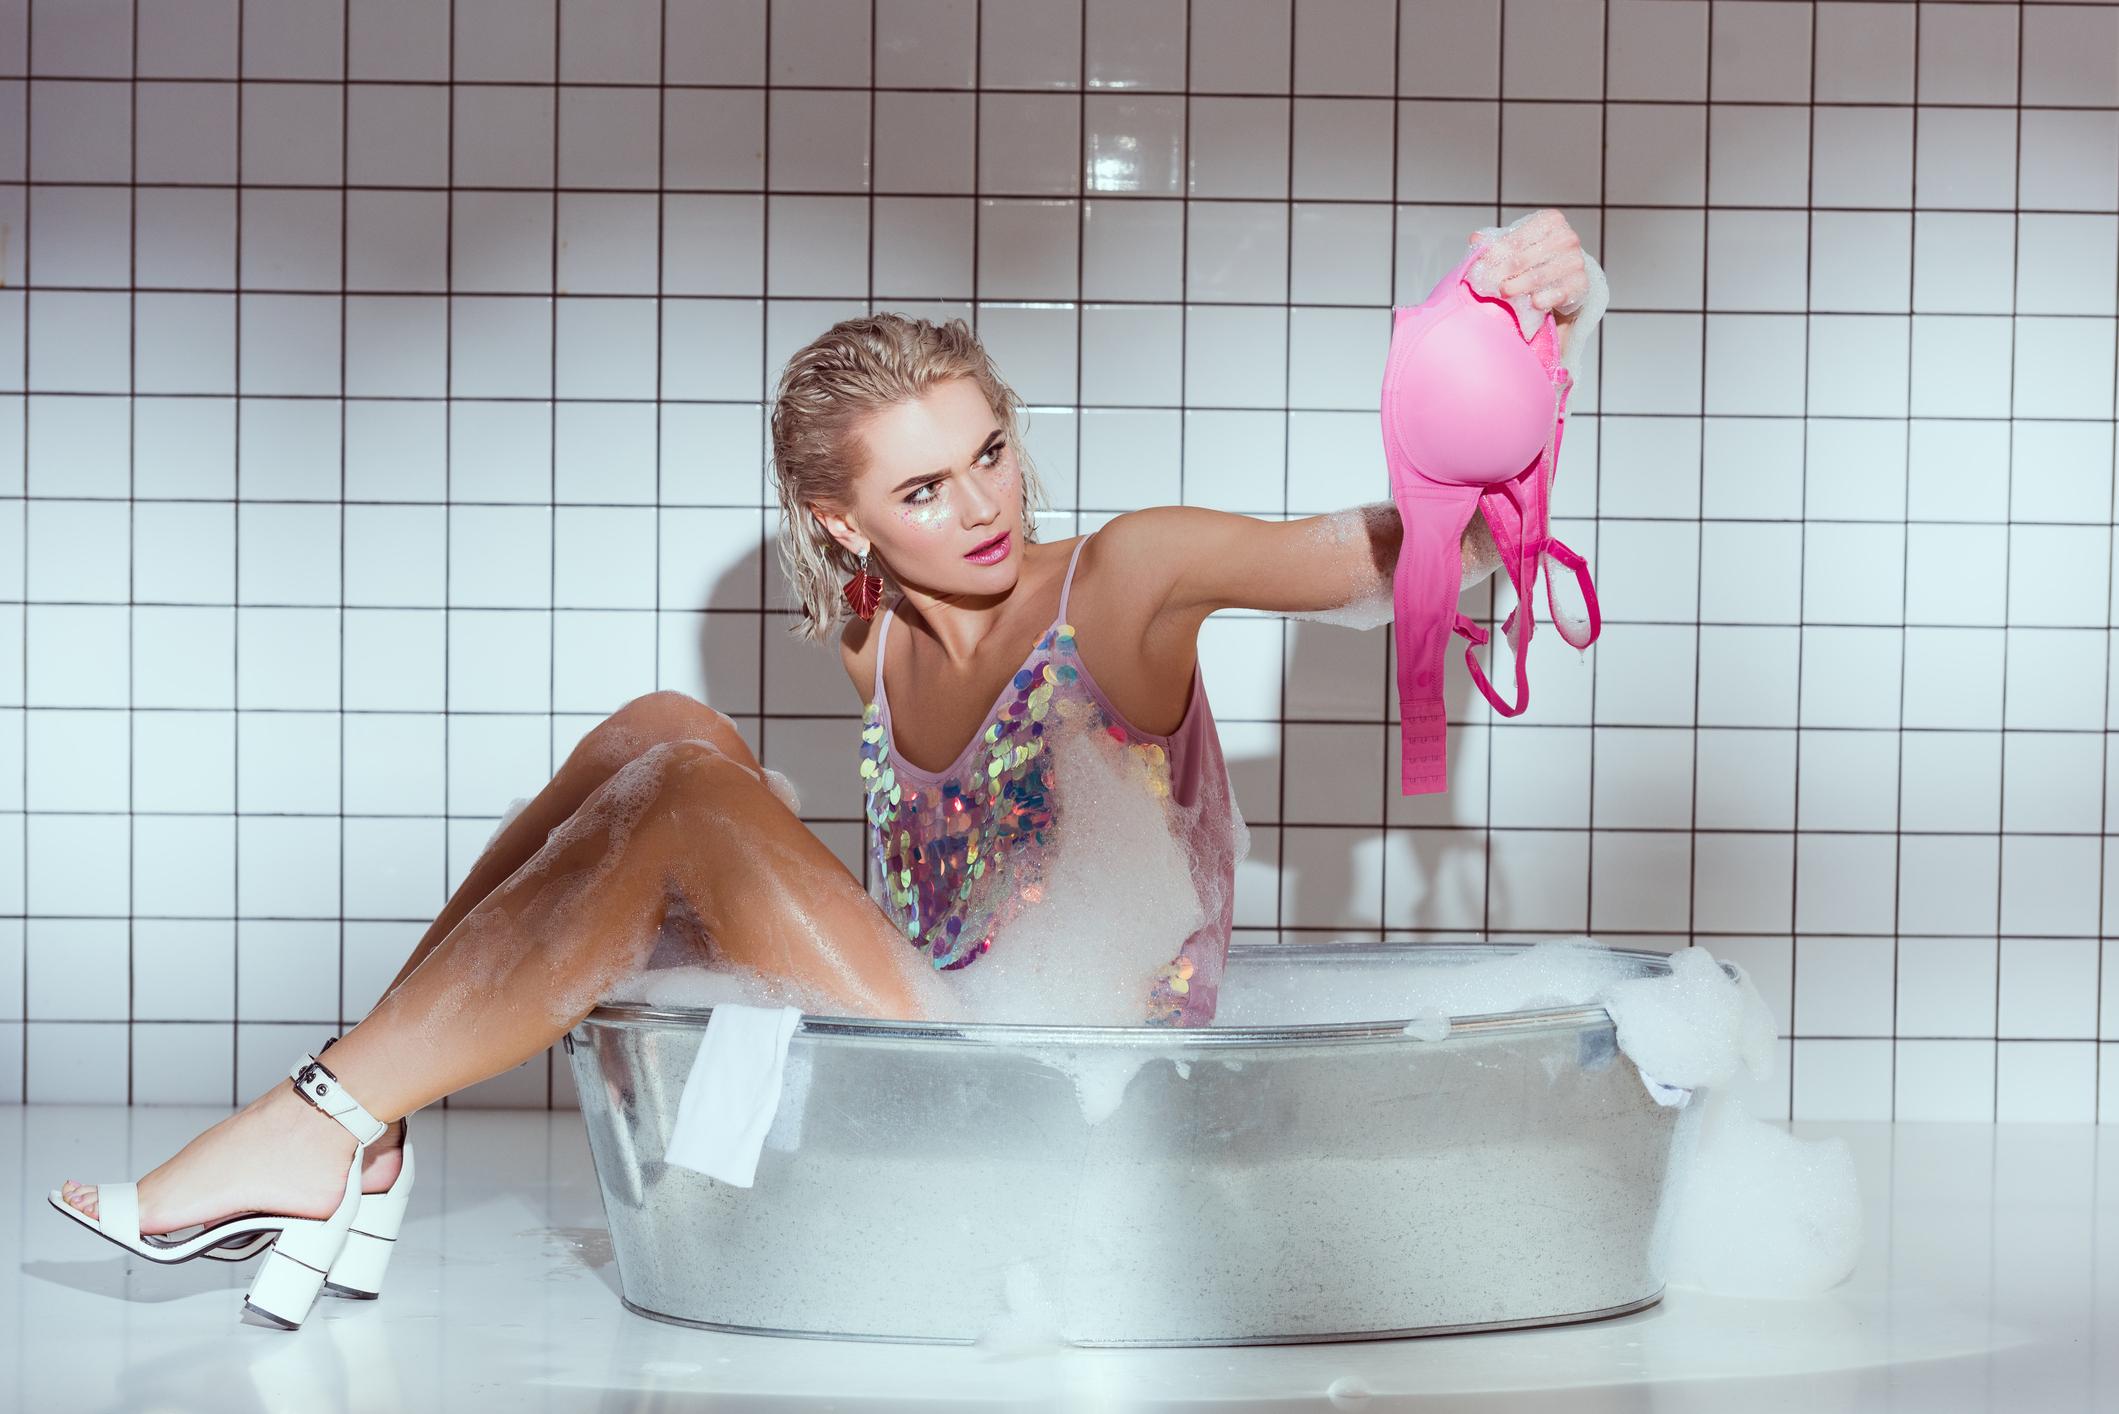 Ne dva-tri puta godišnje, nego nakon dva do tri pranja - toliko često ga treba prati.